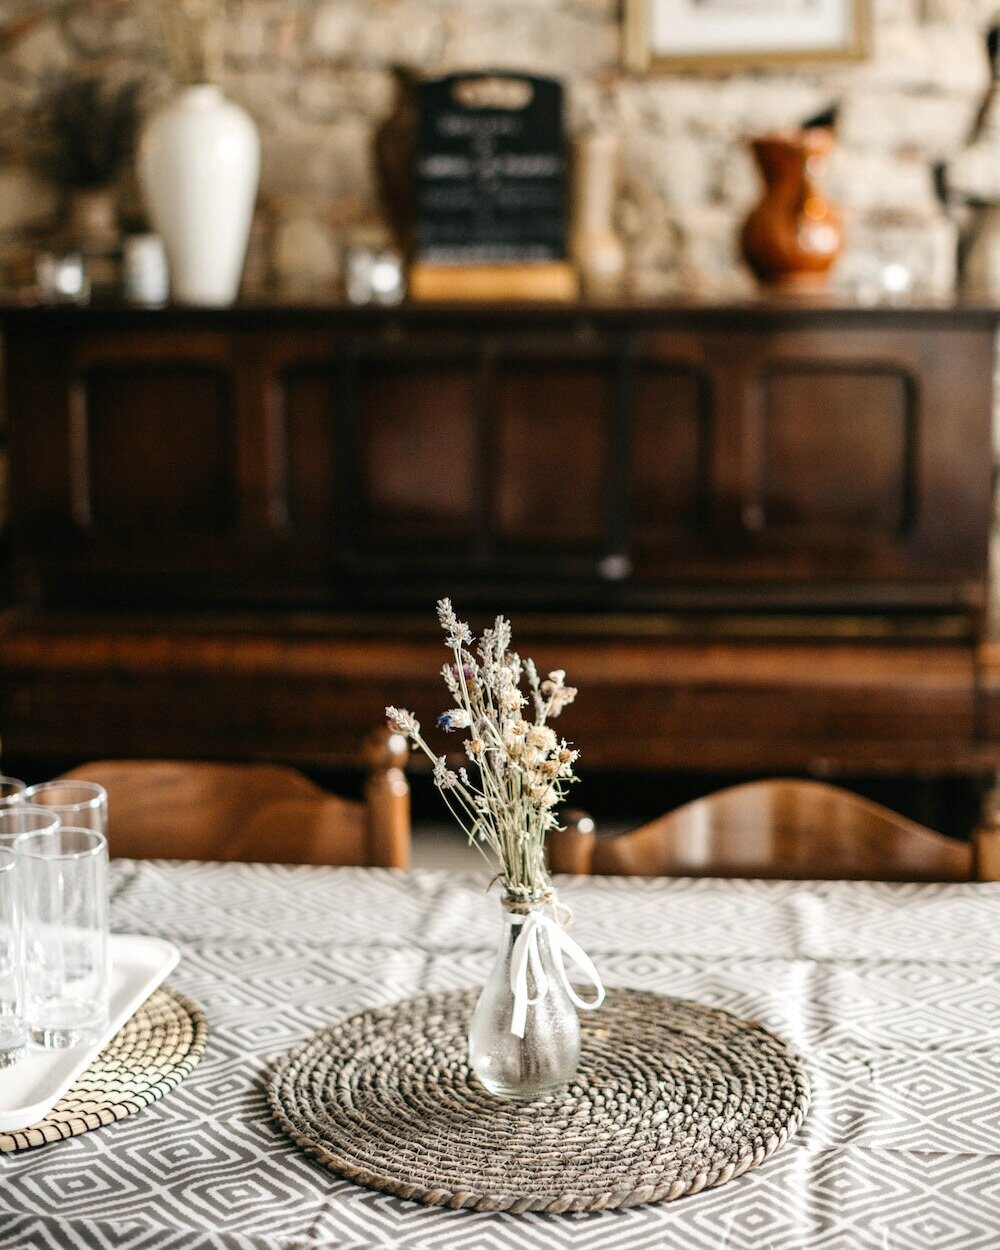 DINING+ROOM+2.jpg